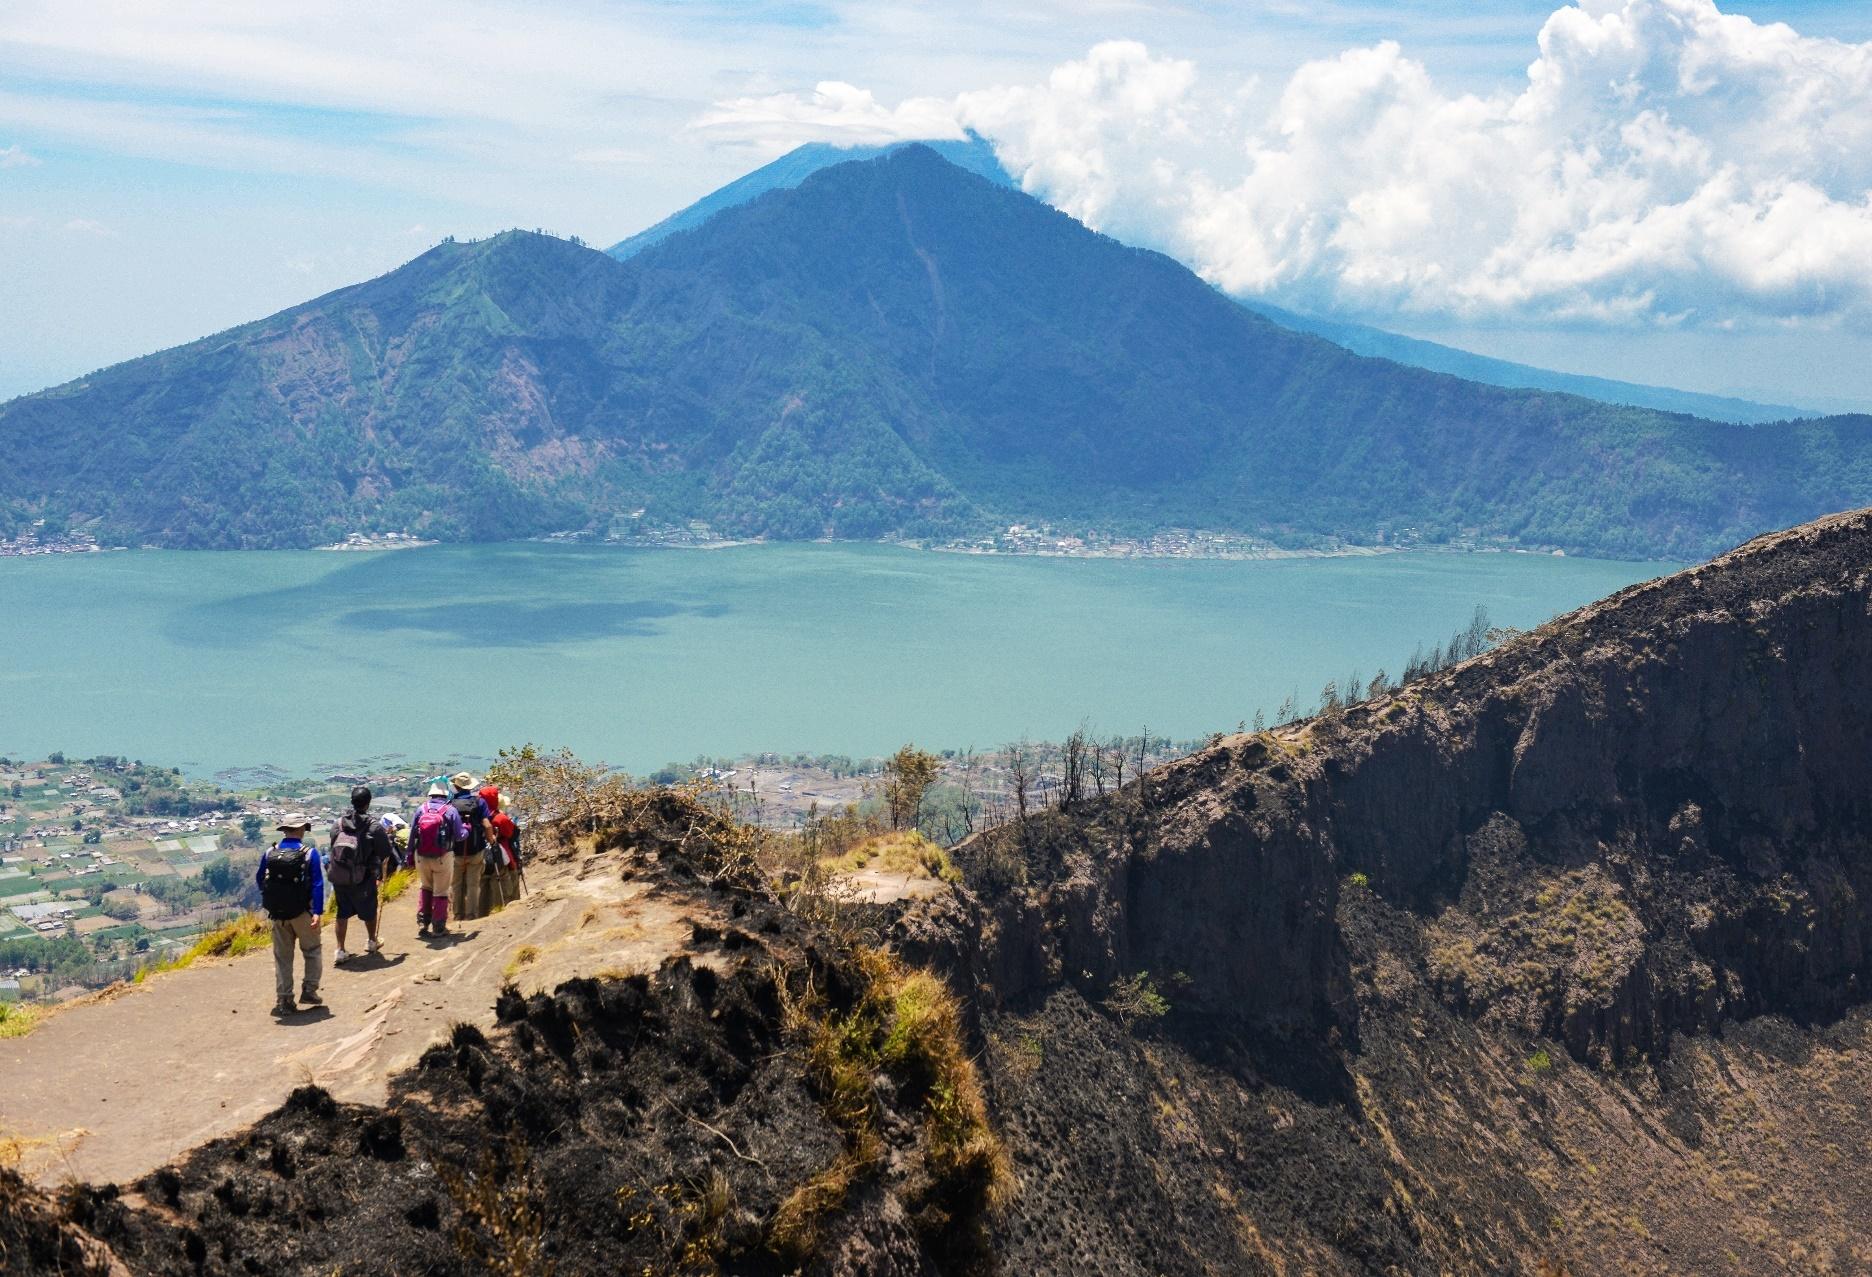 世界遺産バトゥール湖を眼下にバトゥール山の頂上稜線を行く